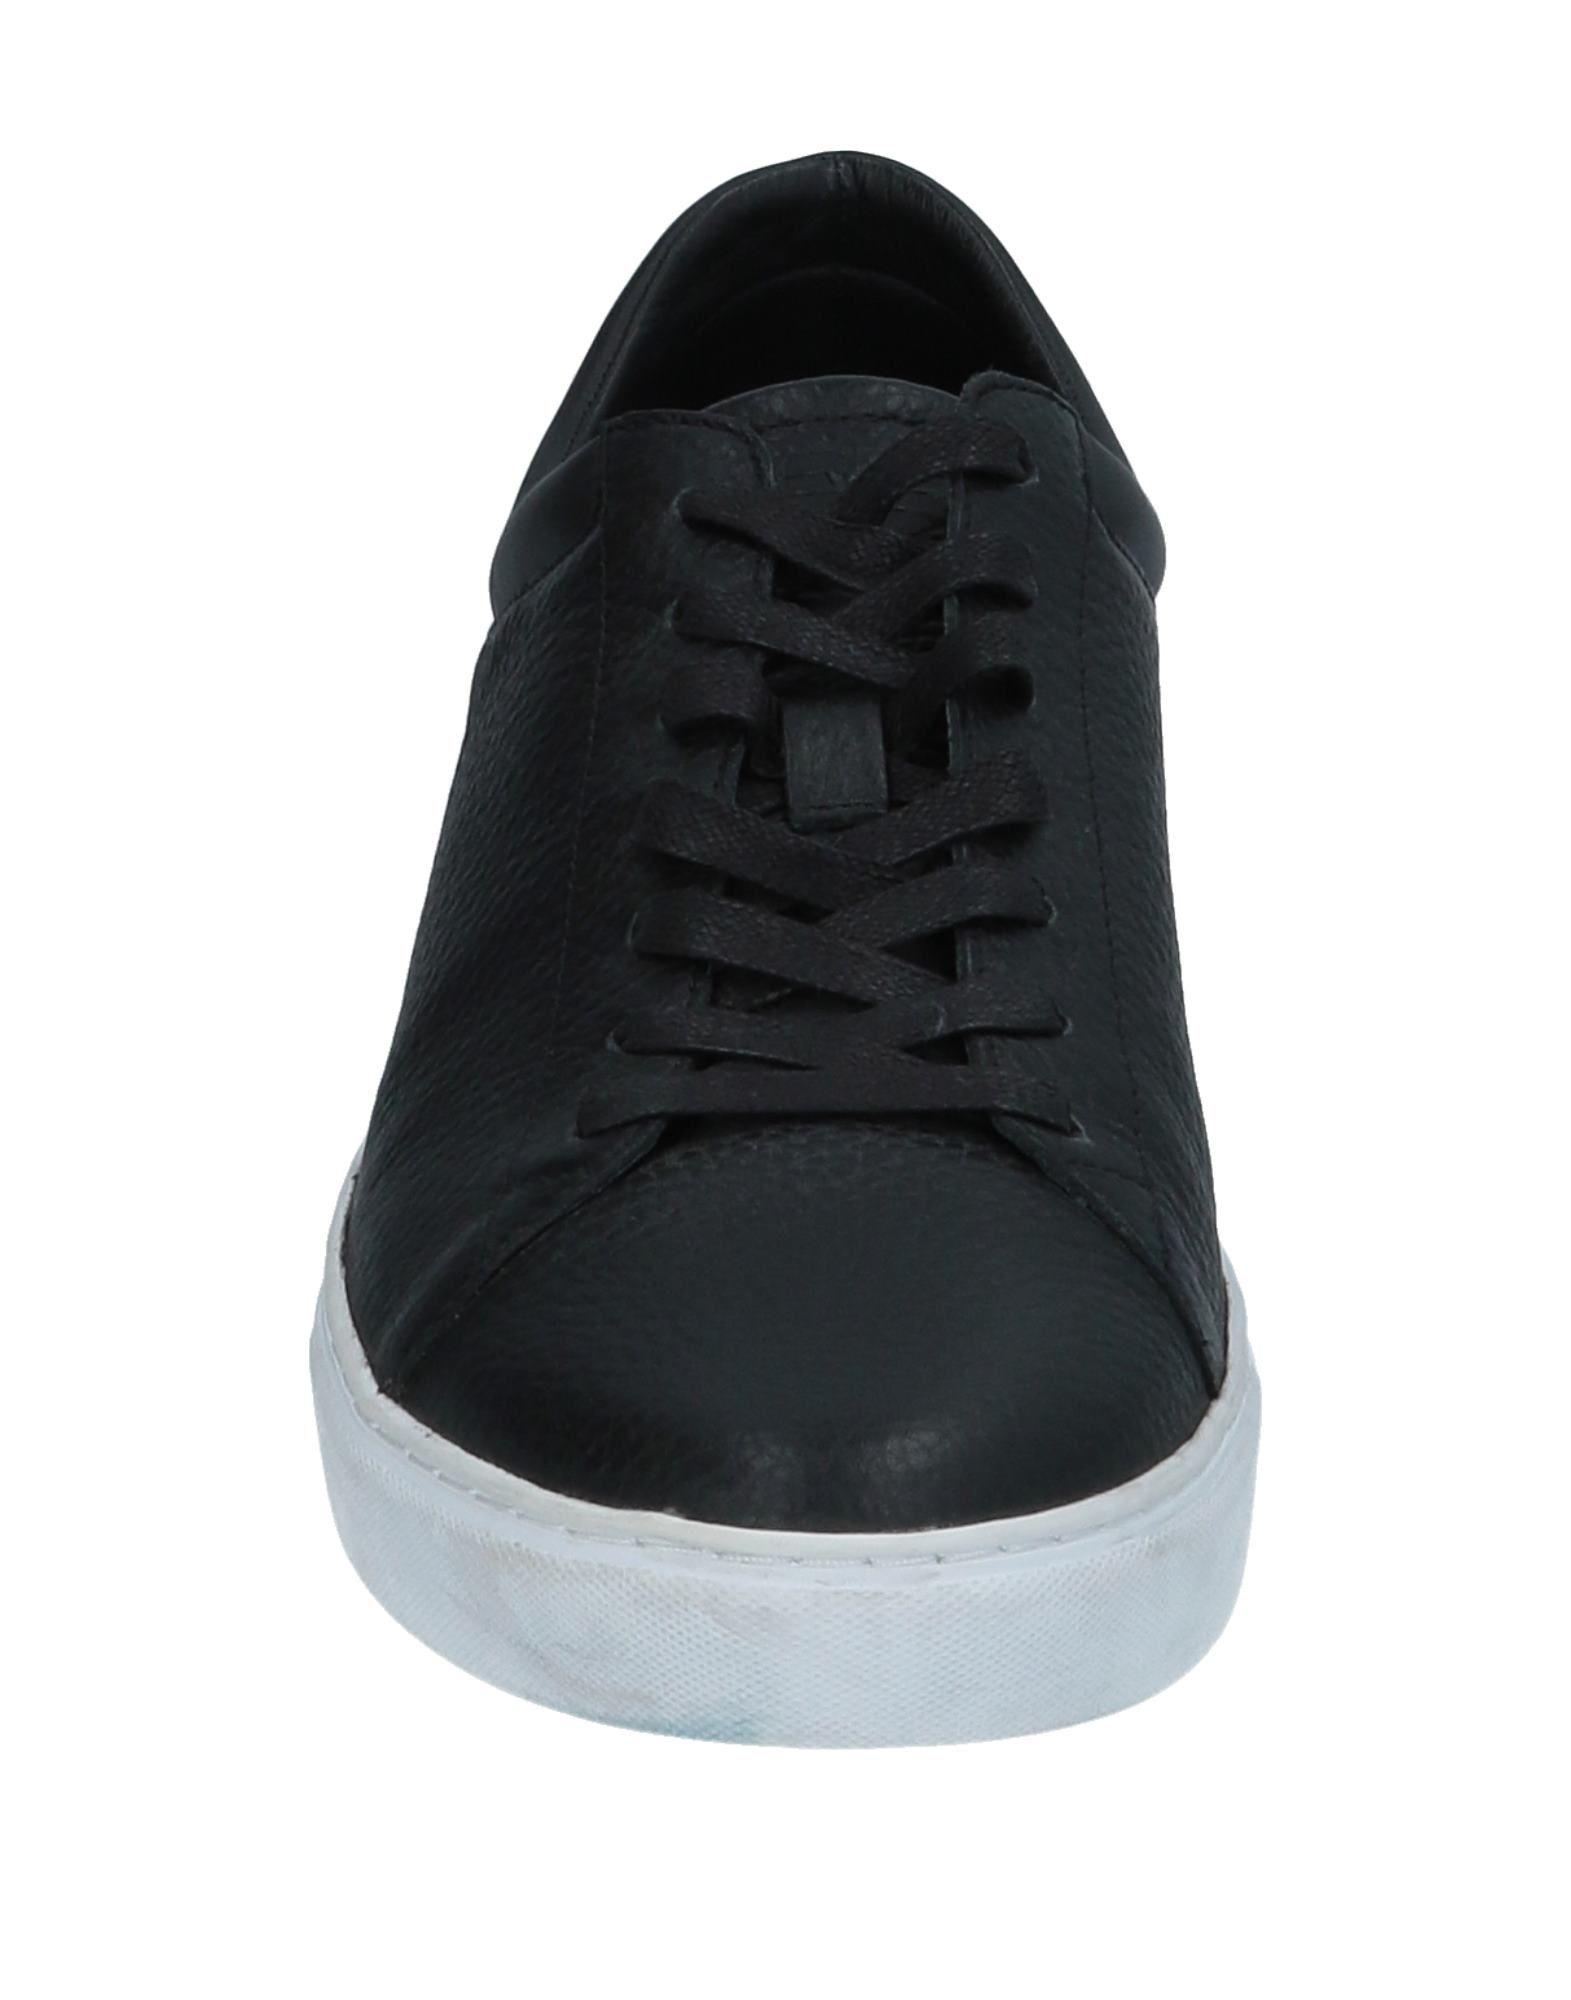 Emporio Armani Sneakers Herren  11529522VL Gute Qualität beliebte Schuhe